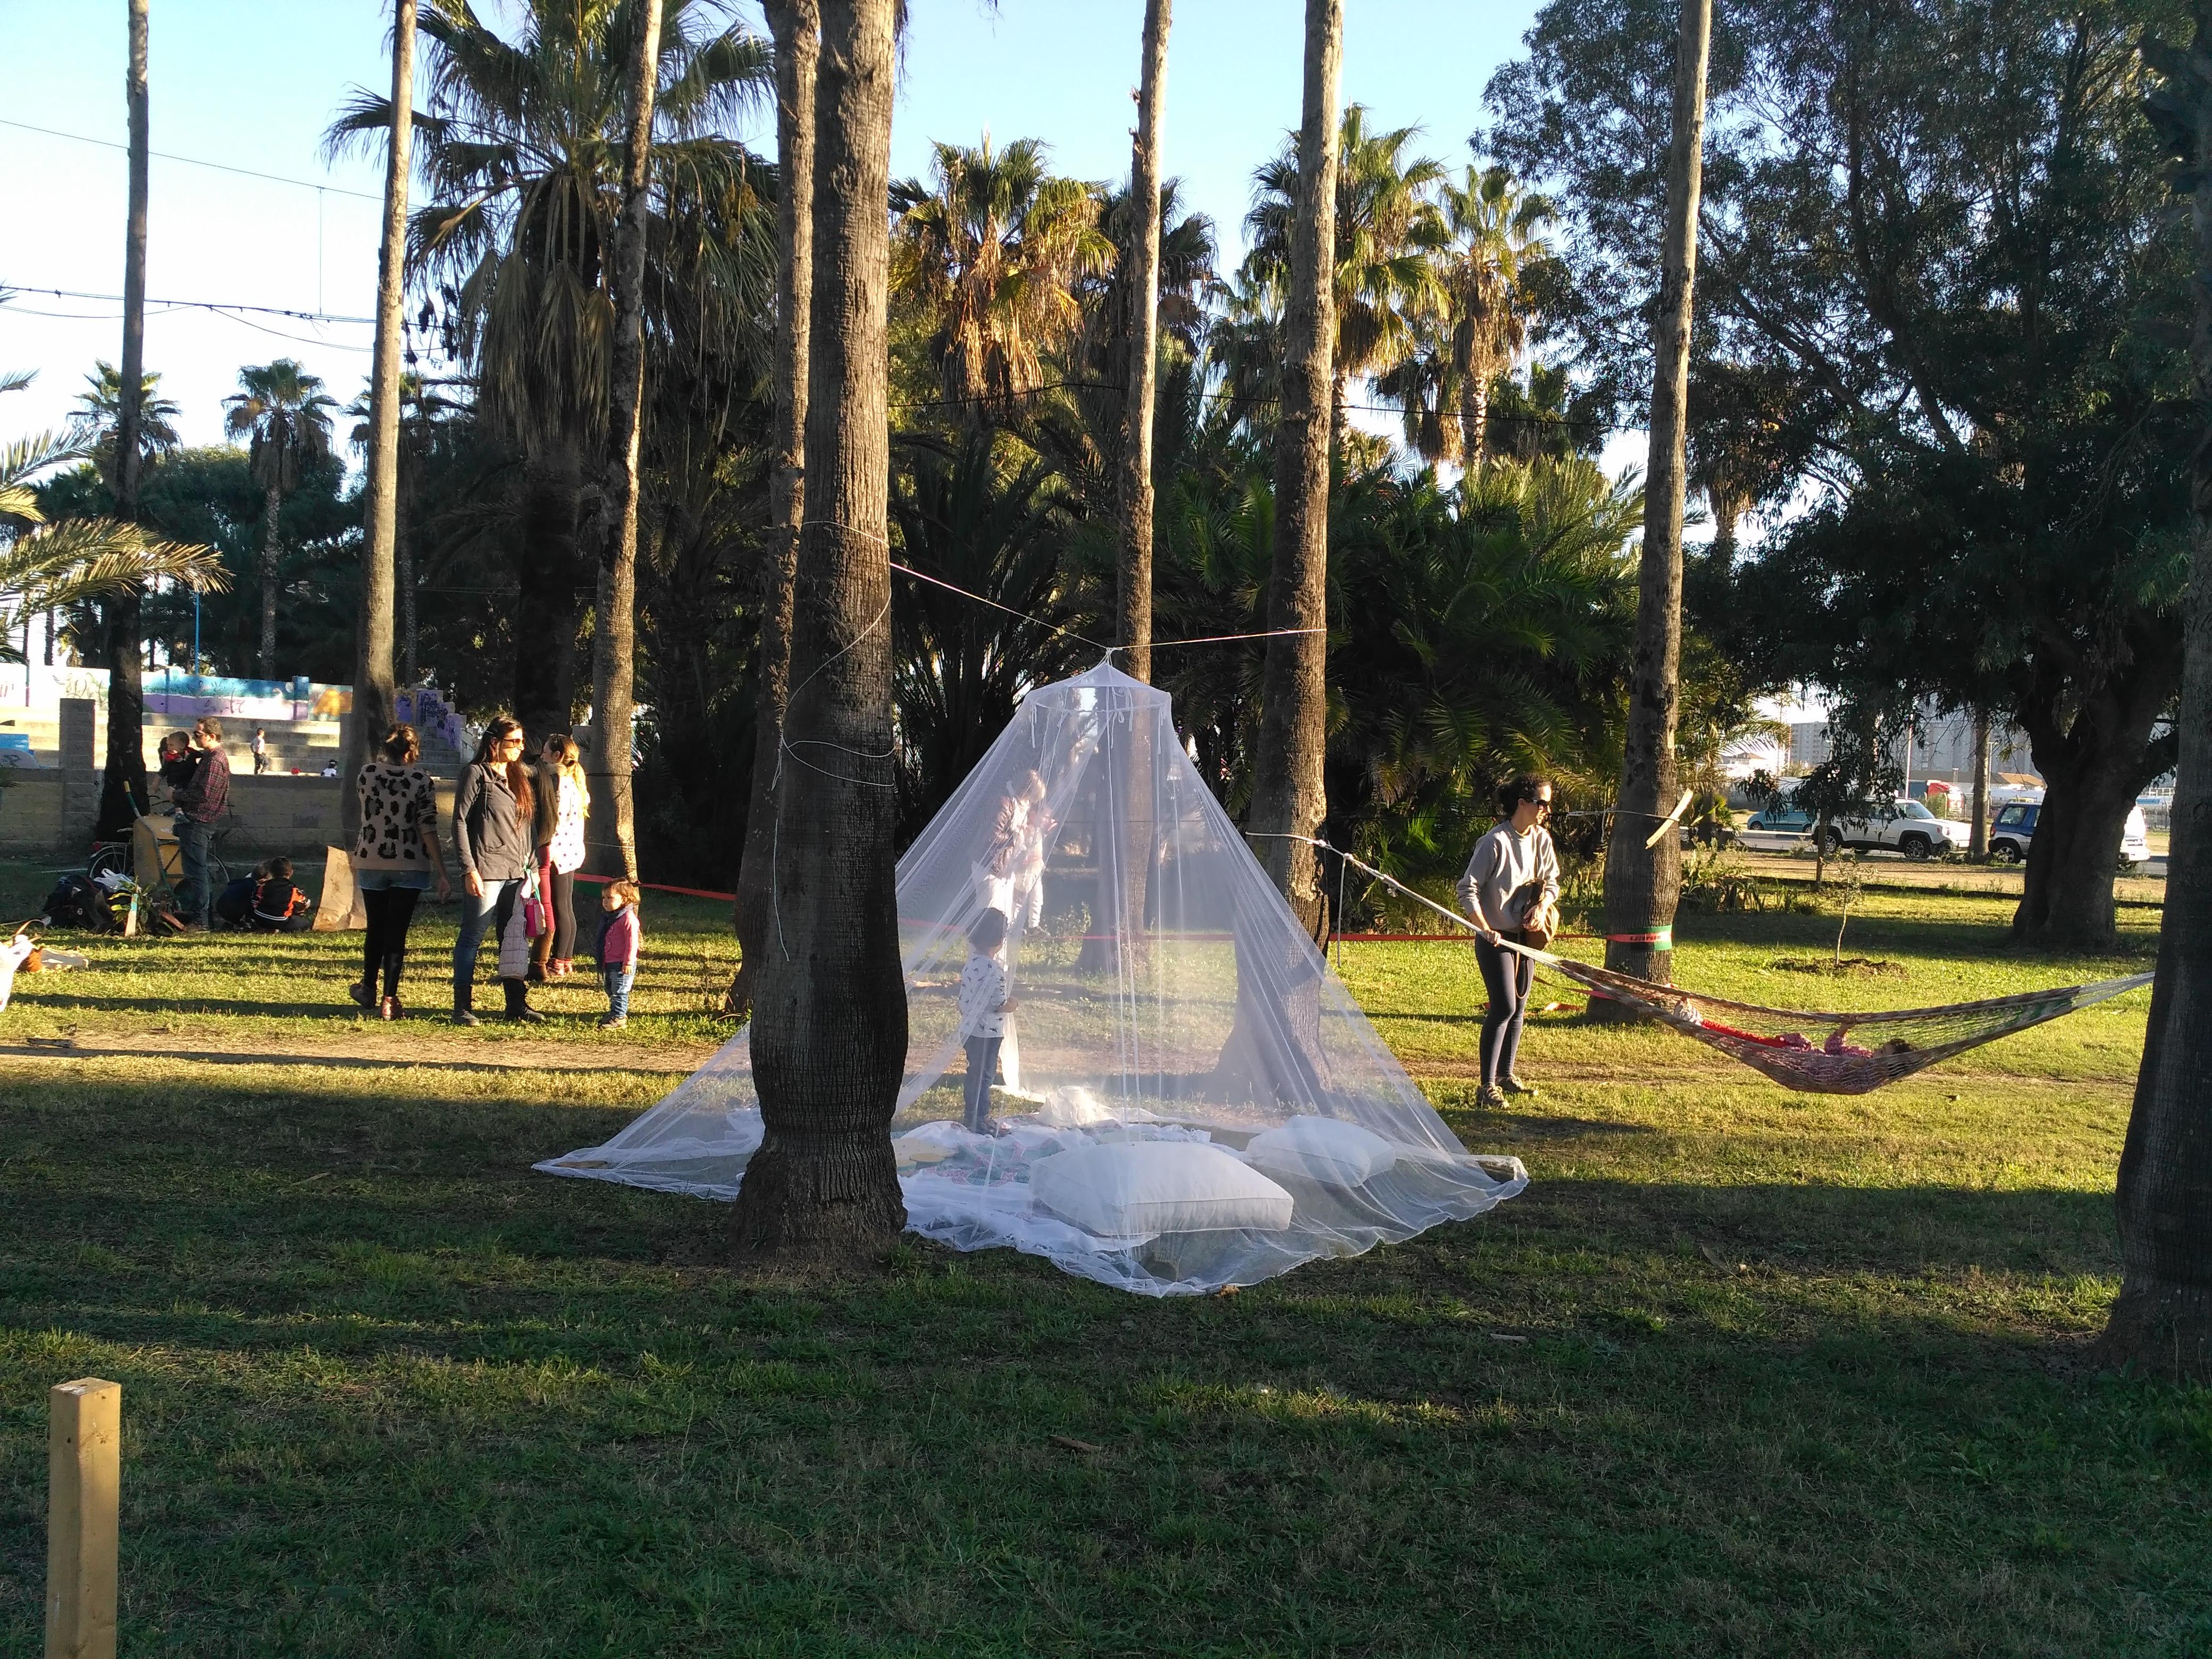 Tienda de campaña hecha con una mosquitera en un parque, cojines y mantucho en el suelo